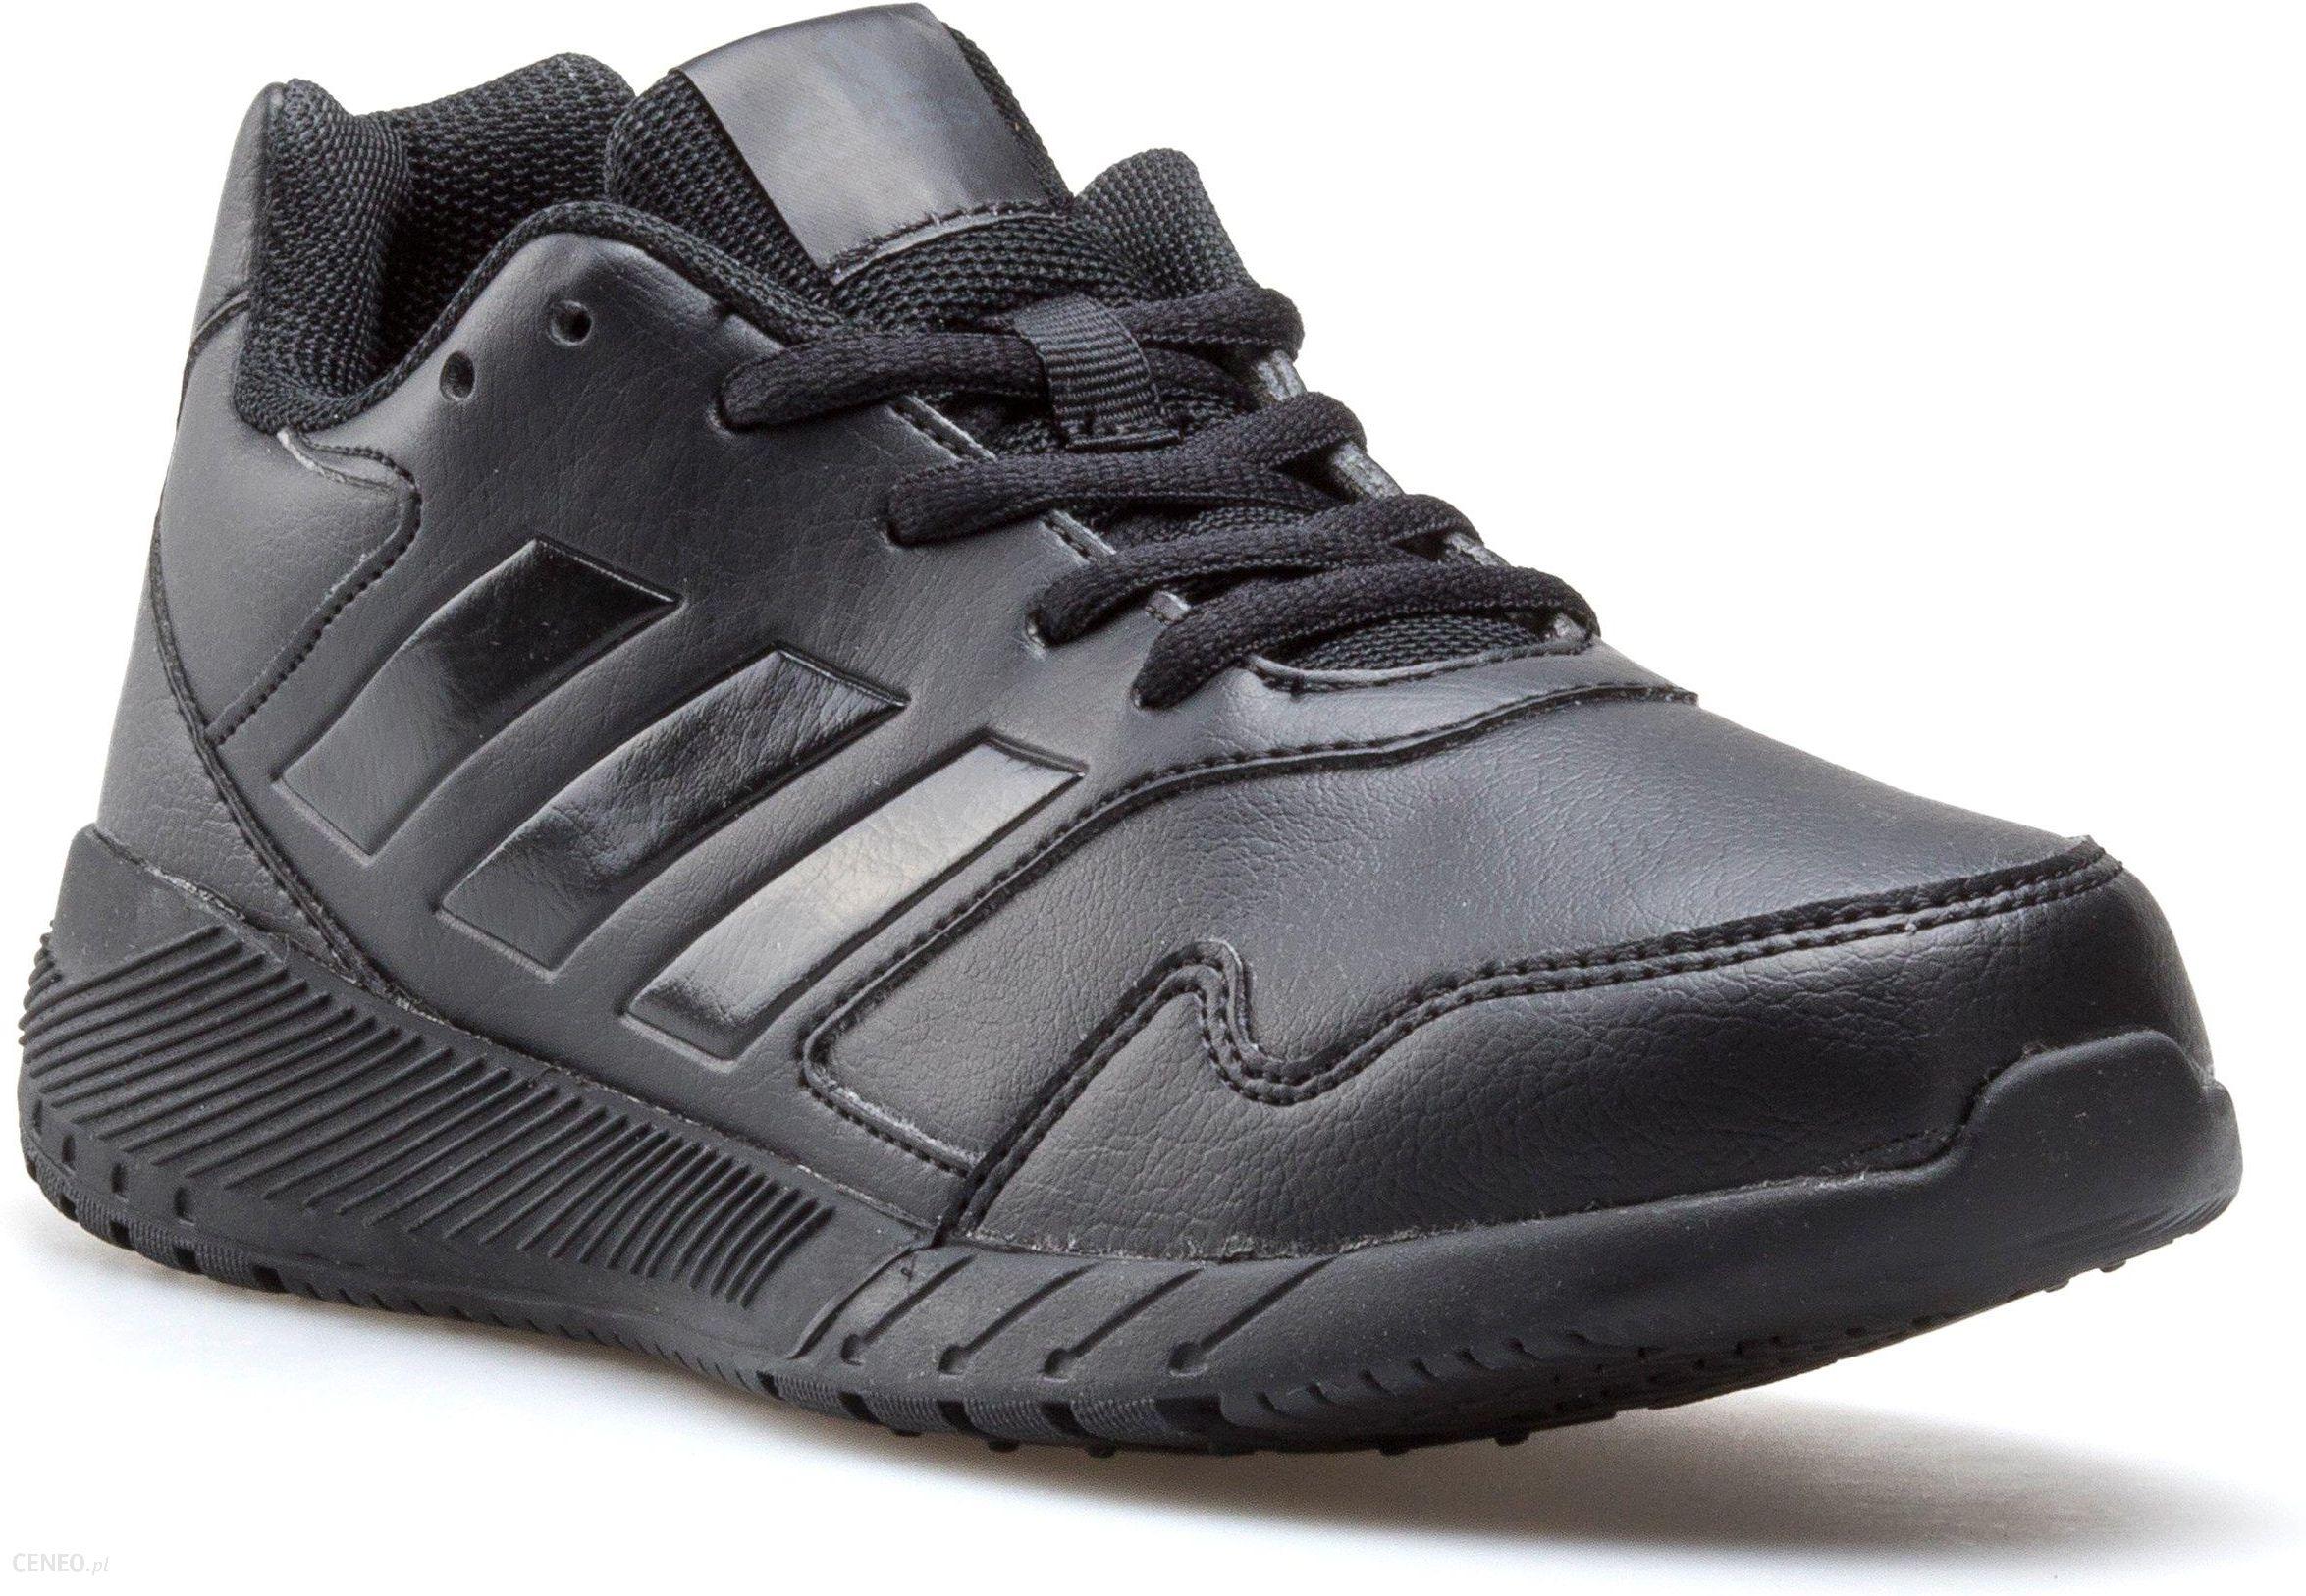 Buty dziecięce adidas AltaRun K BA7897 r. 33 Ceny i opinie Ceneo.pl